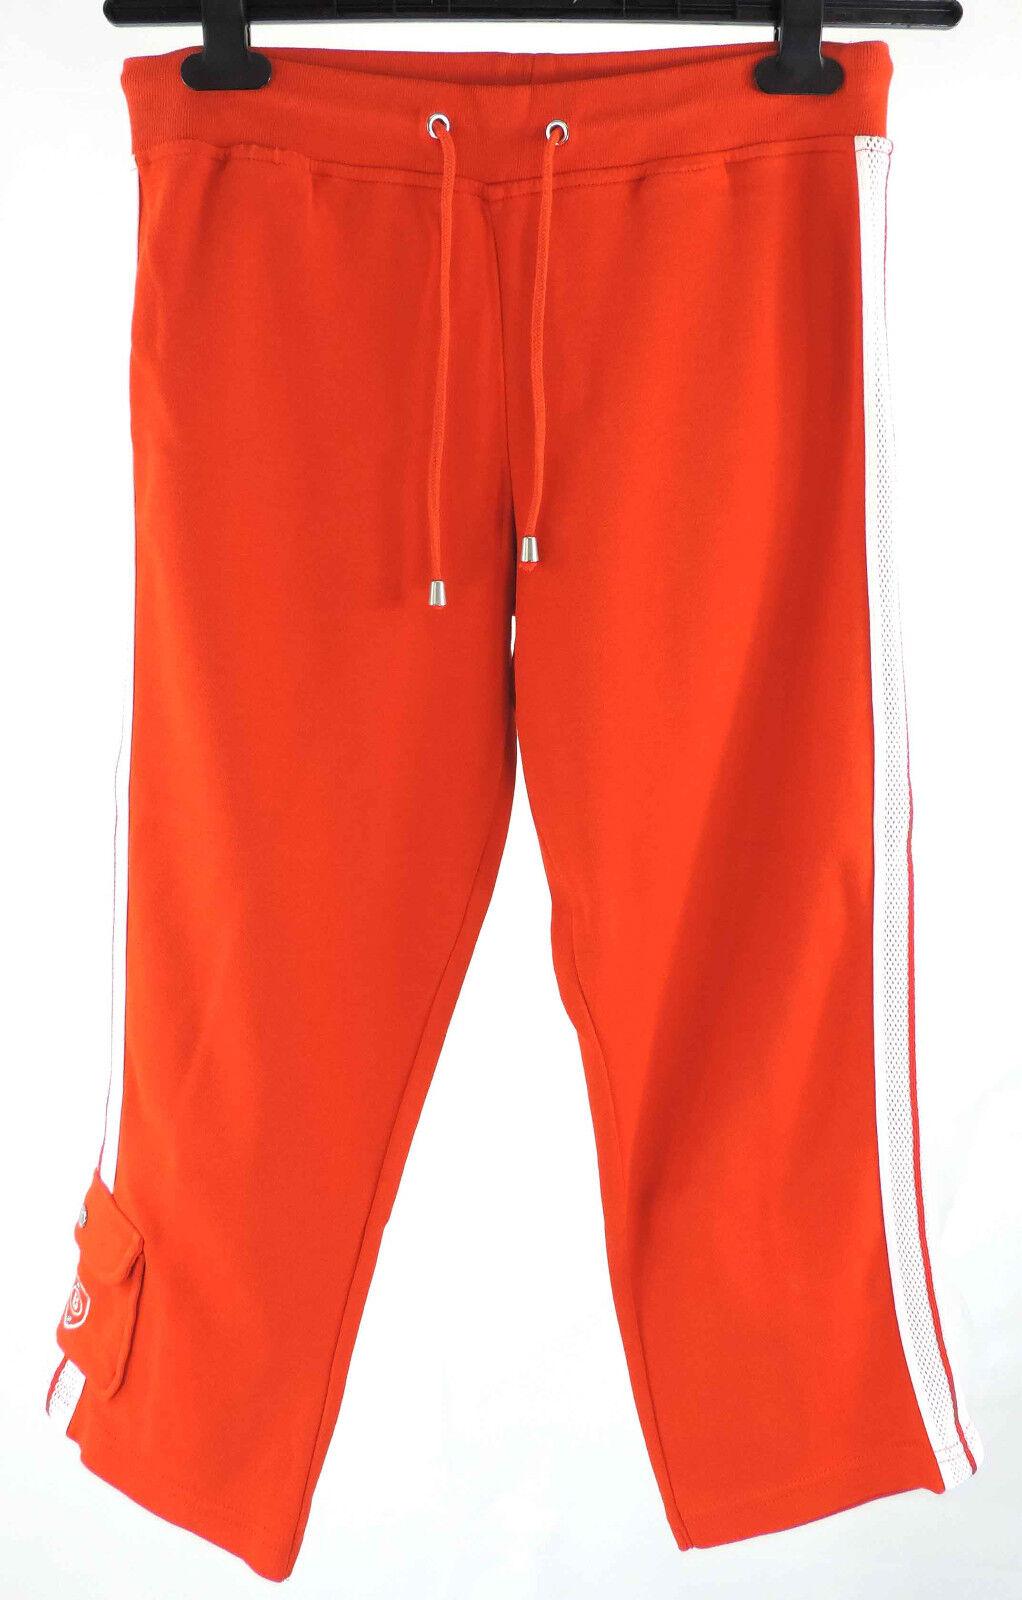 Bogner Joggpants 34 XS 100% Baumwolle orange - red Jogging Sporthose Hose top